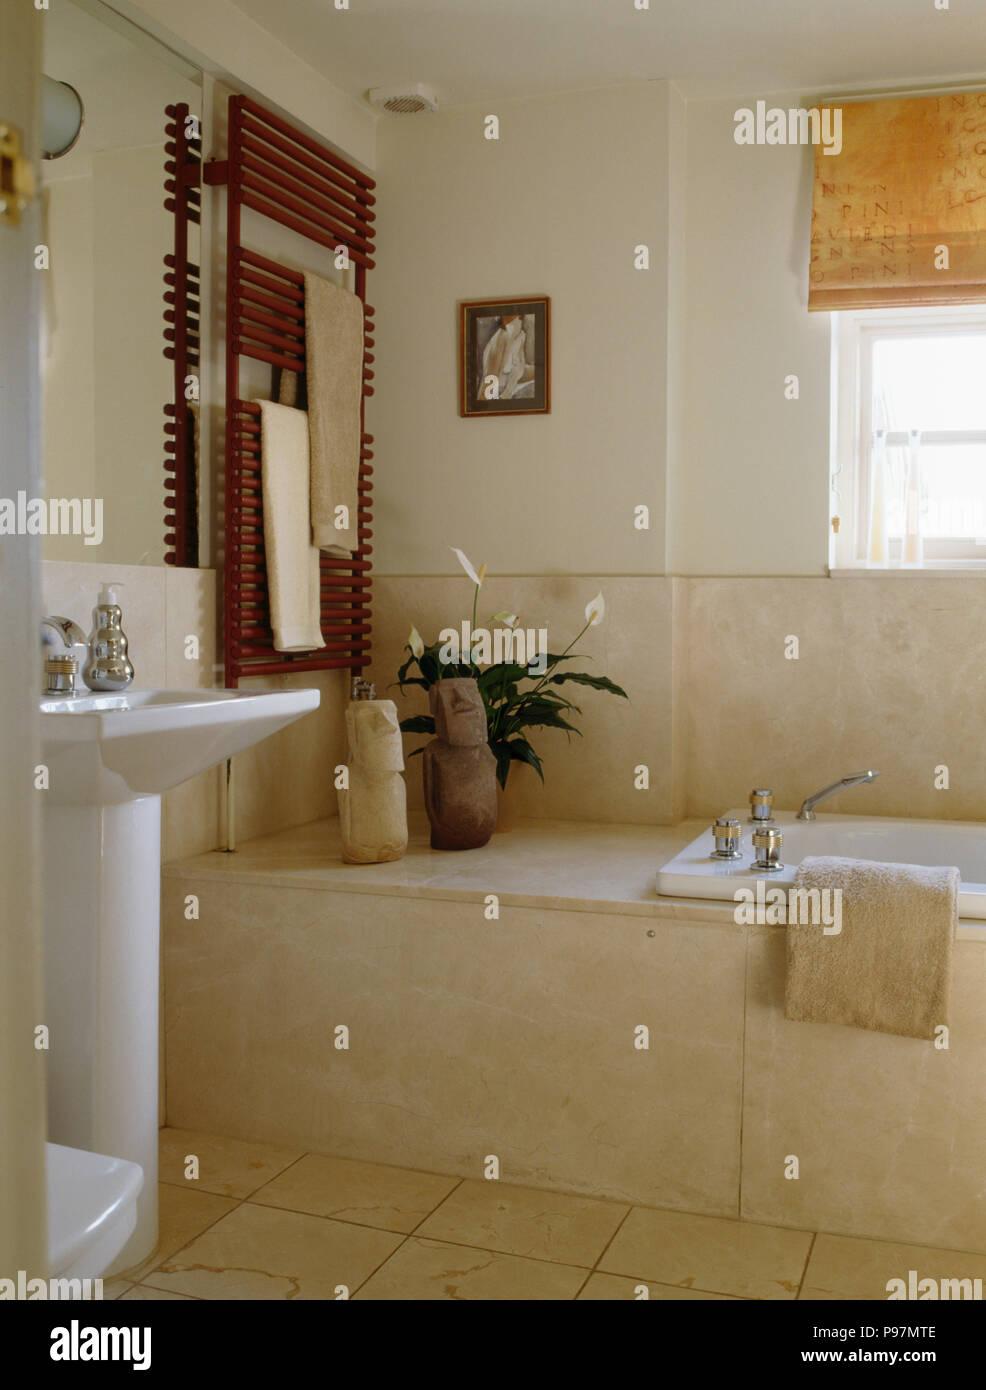 Marble Tiled Bath Panel In Neutral Bathroom